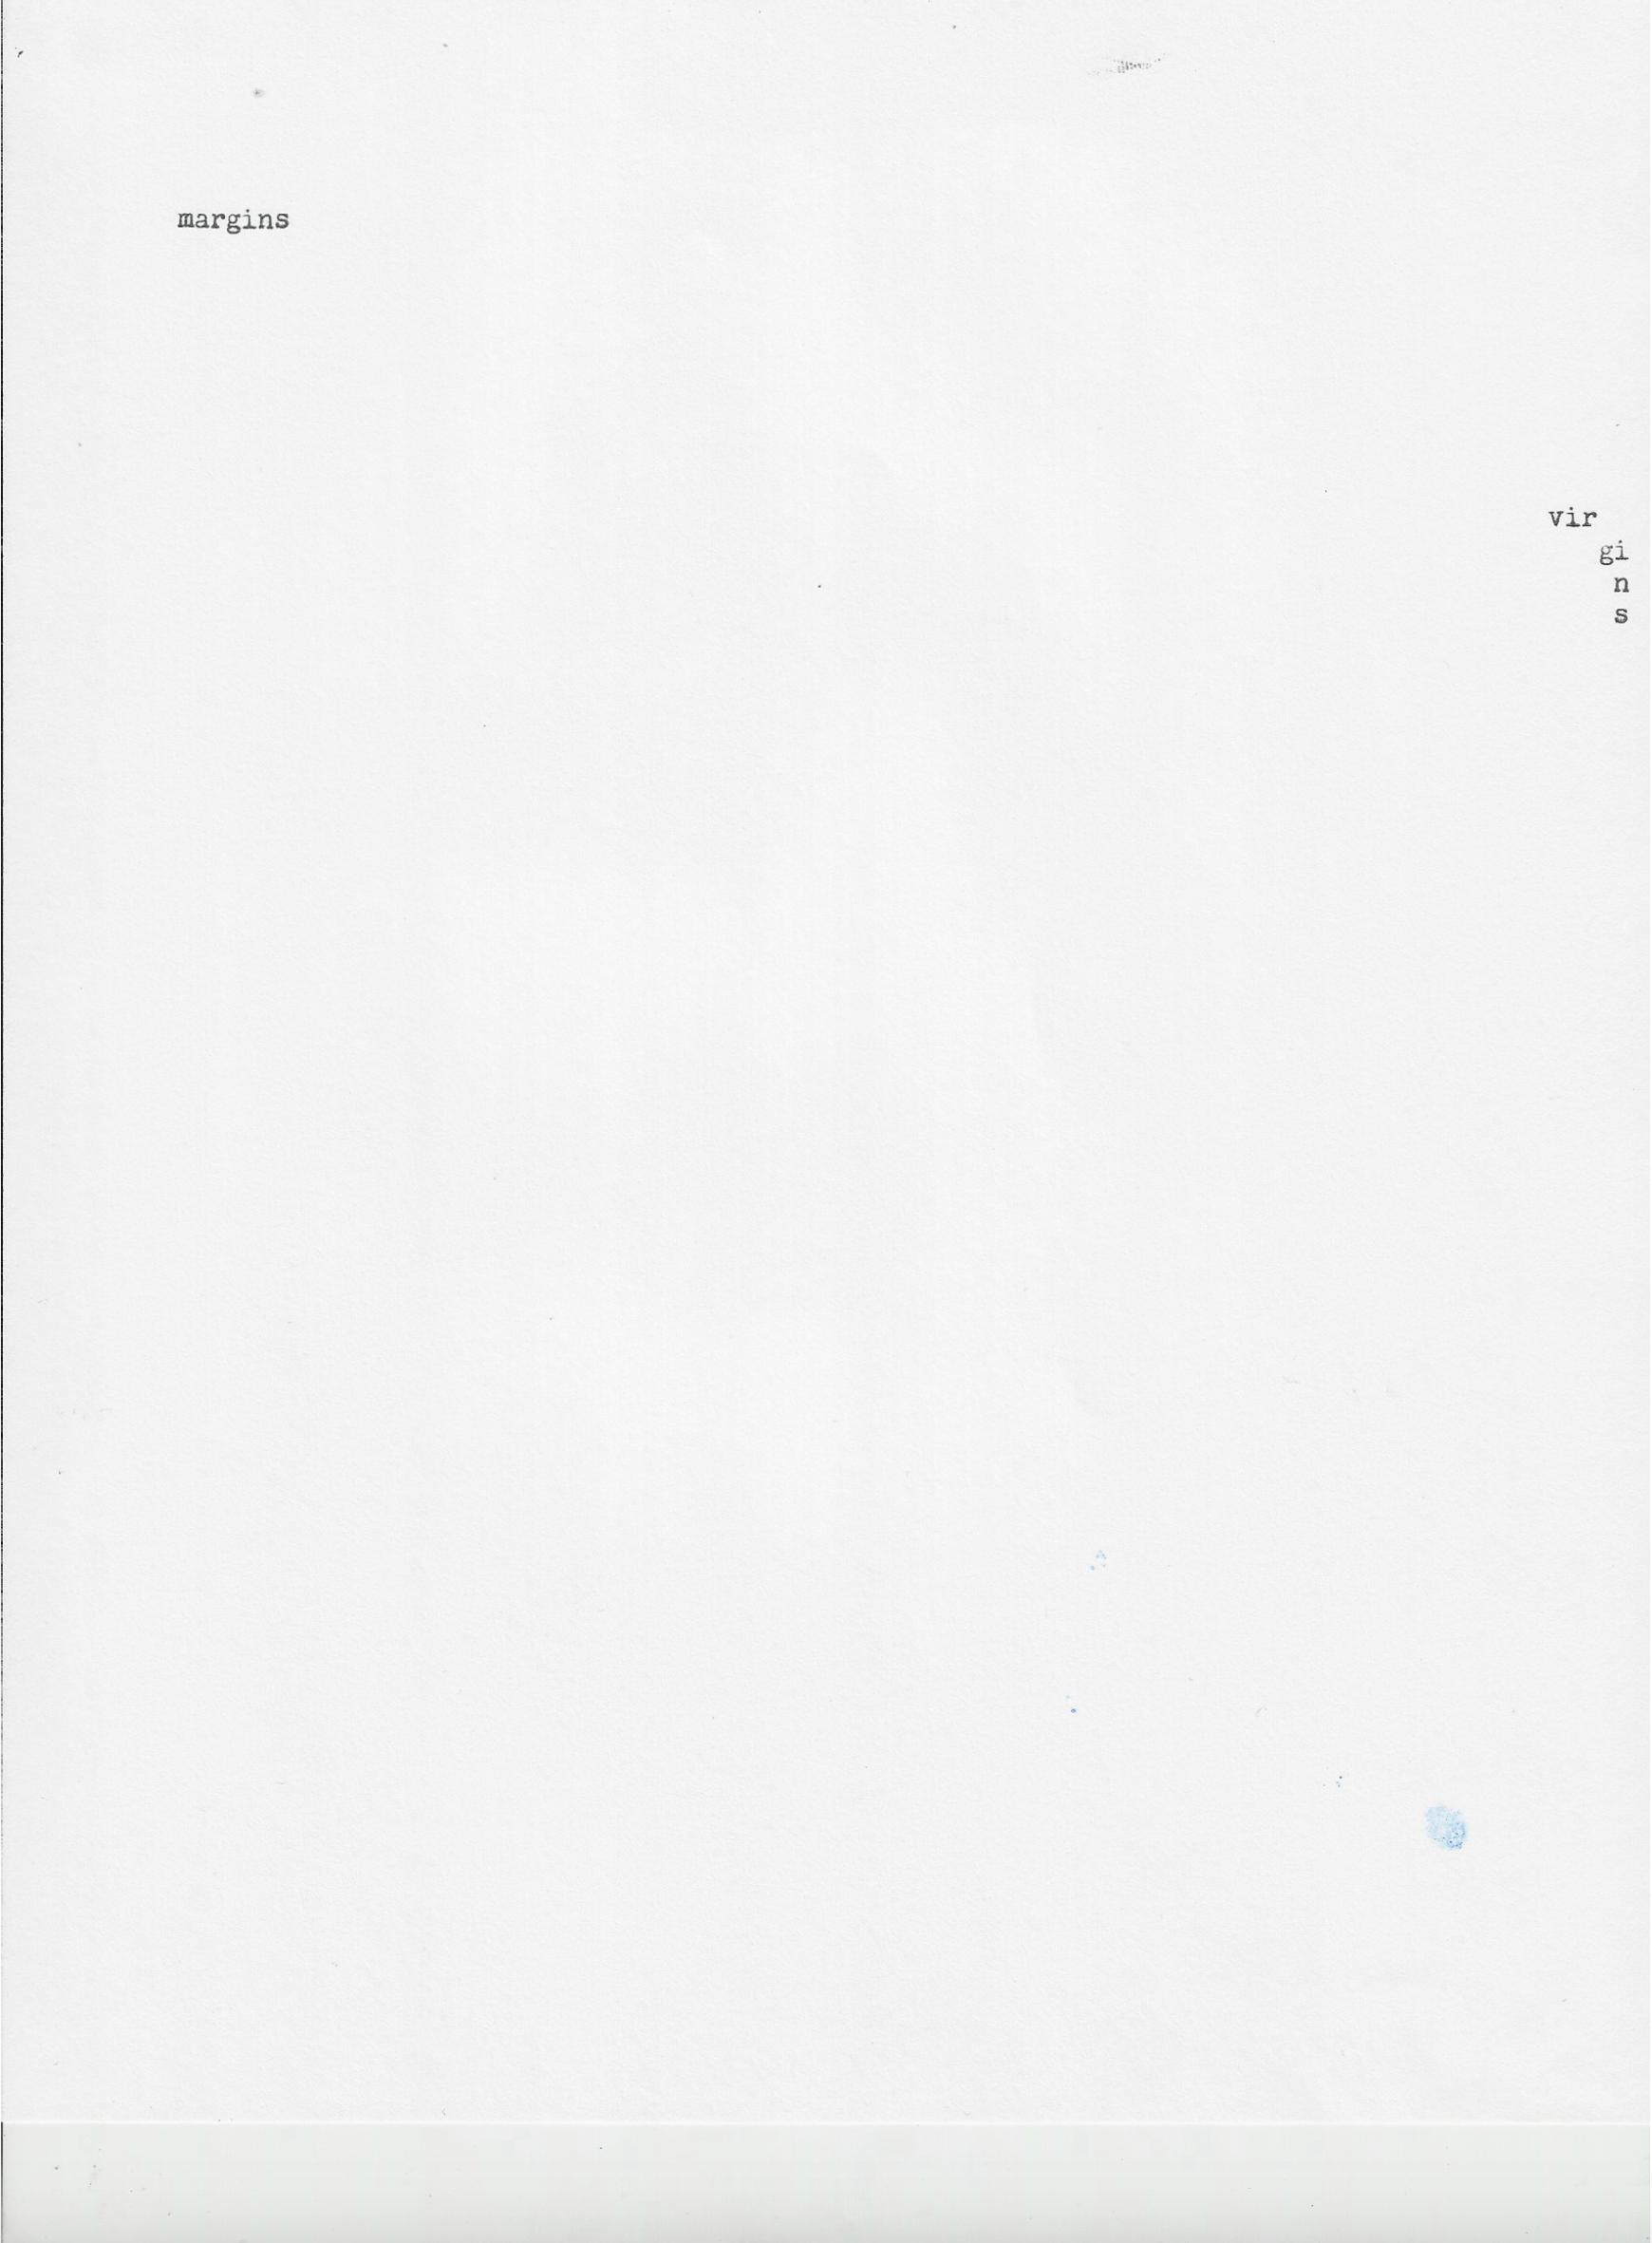 Screen Shot 2019-03-19 at 4.41.30 PM.png